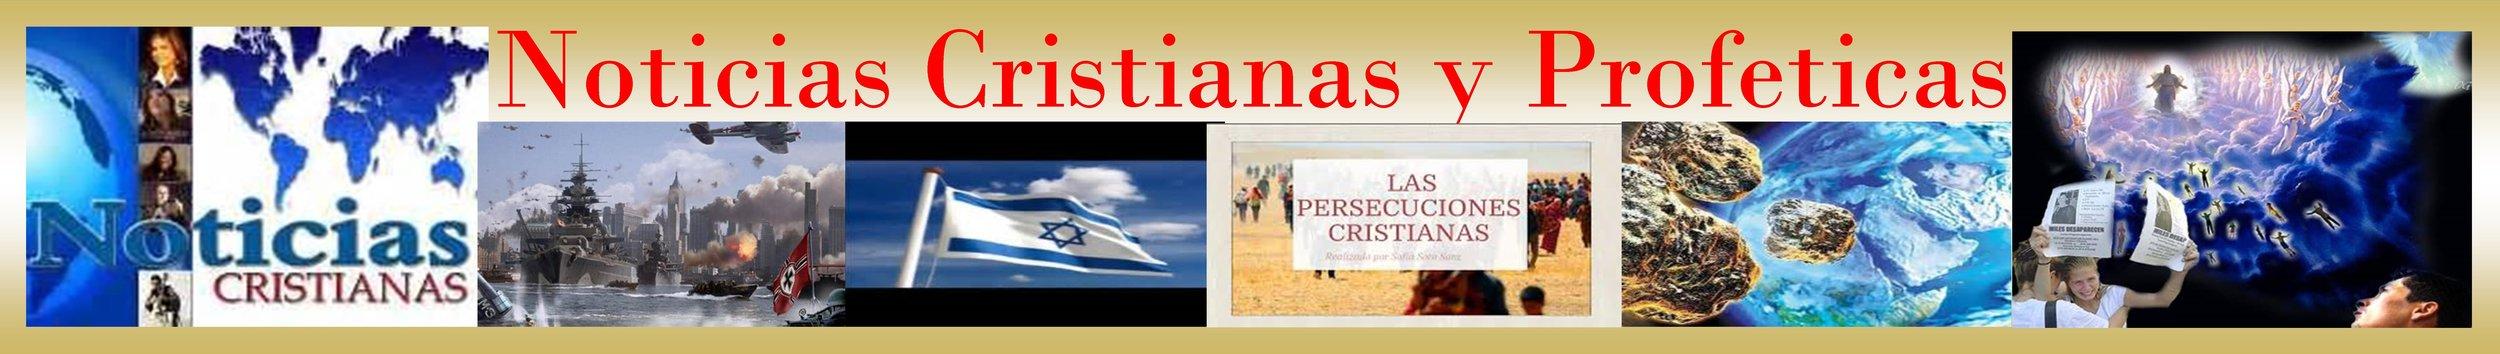 Noticias Cristianas y Profeticas .jpg